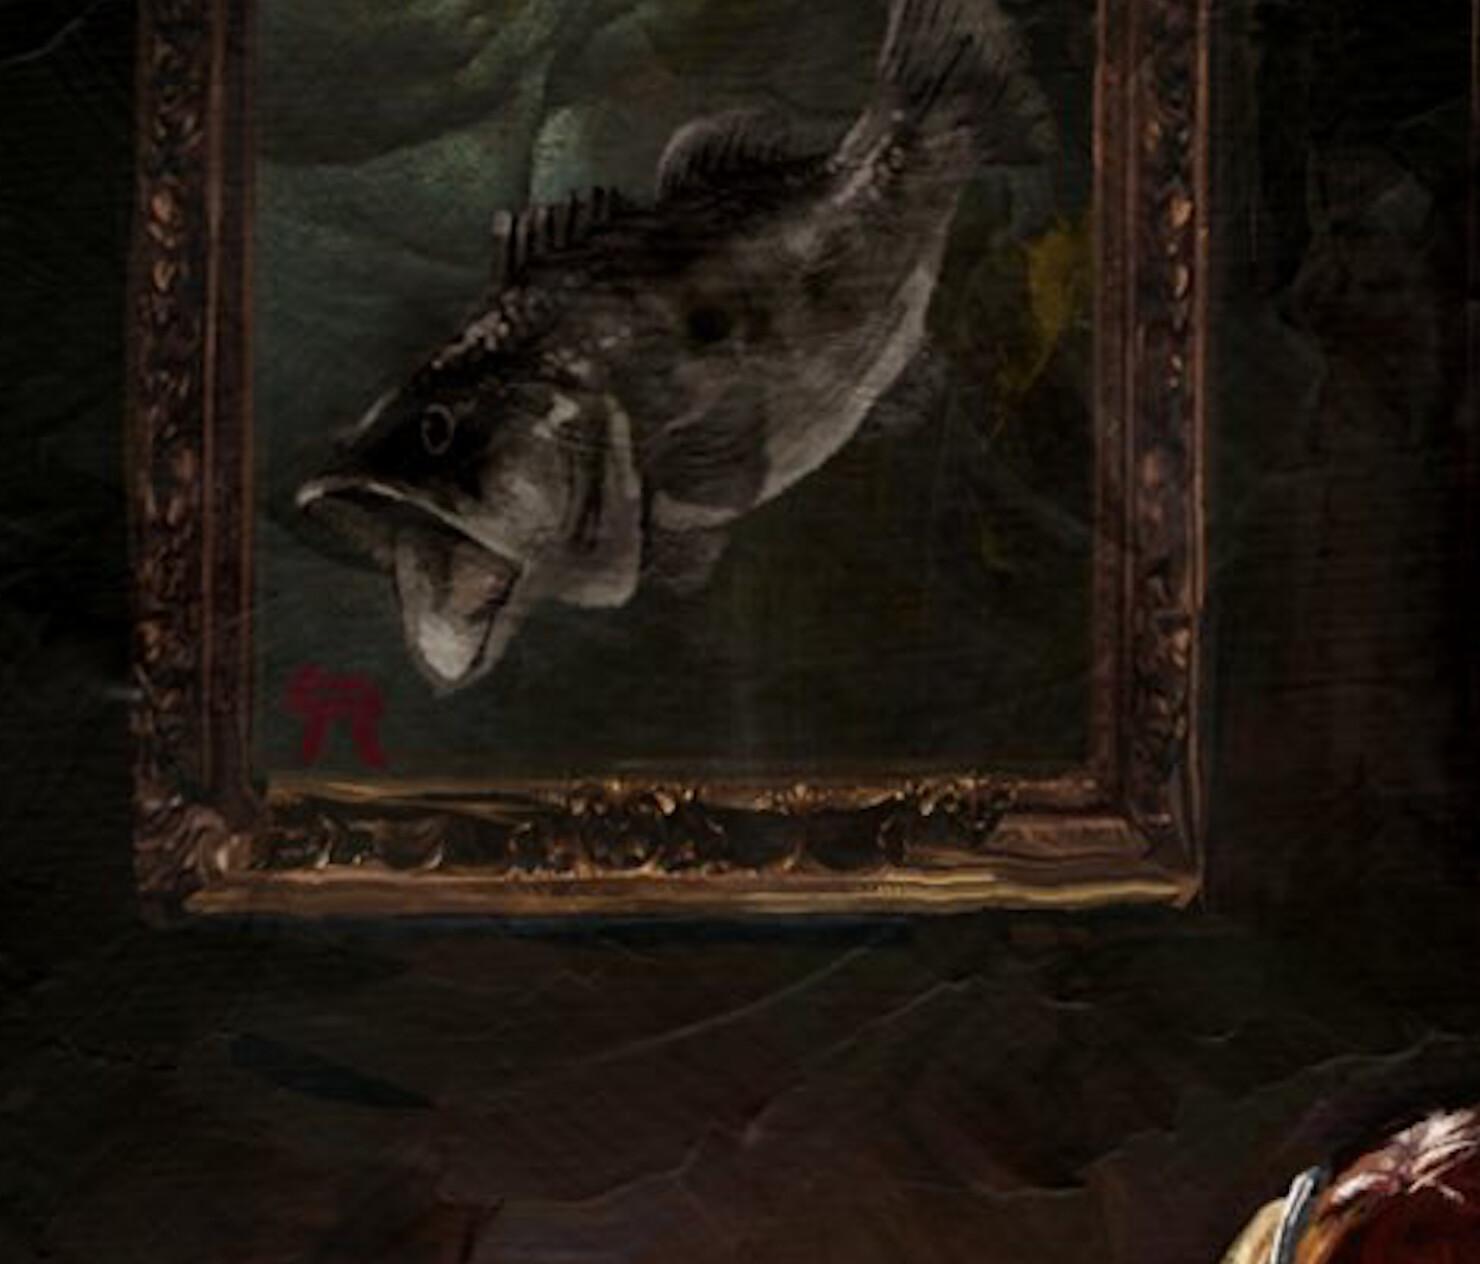 Bruh Fish